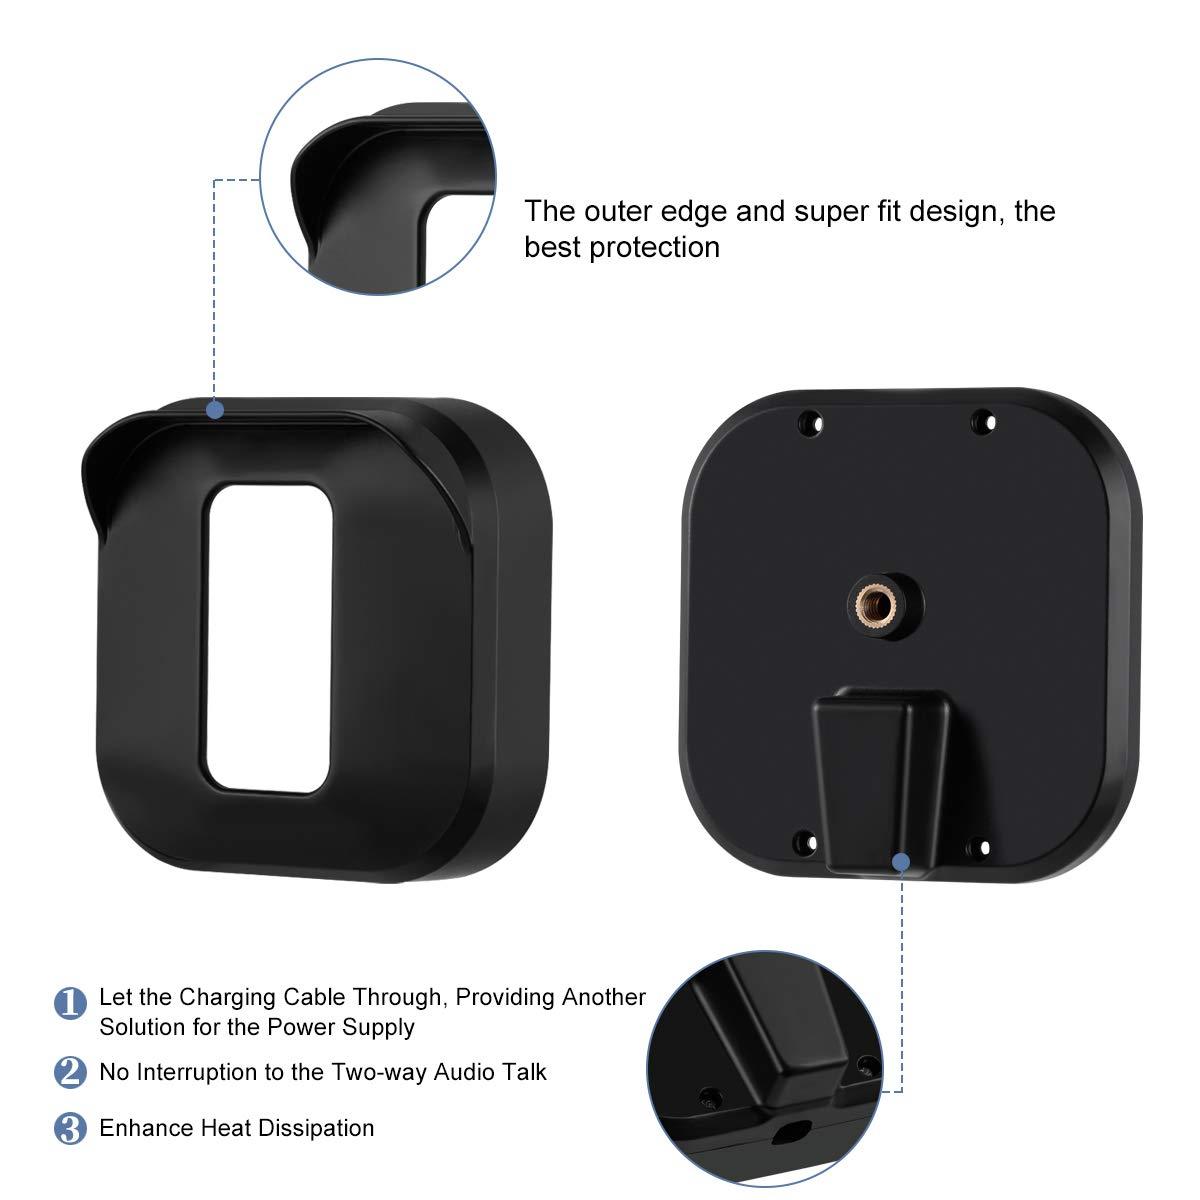 Resistente a la Intemperie Sonomo Funda Protectora y Soporte Ajustable para Sistema de c/ámara de Seguridad para el hogar Blink XT2//XT Negro, 3 Unidades Soporte de Pared para c/ámara Blink XT2